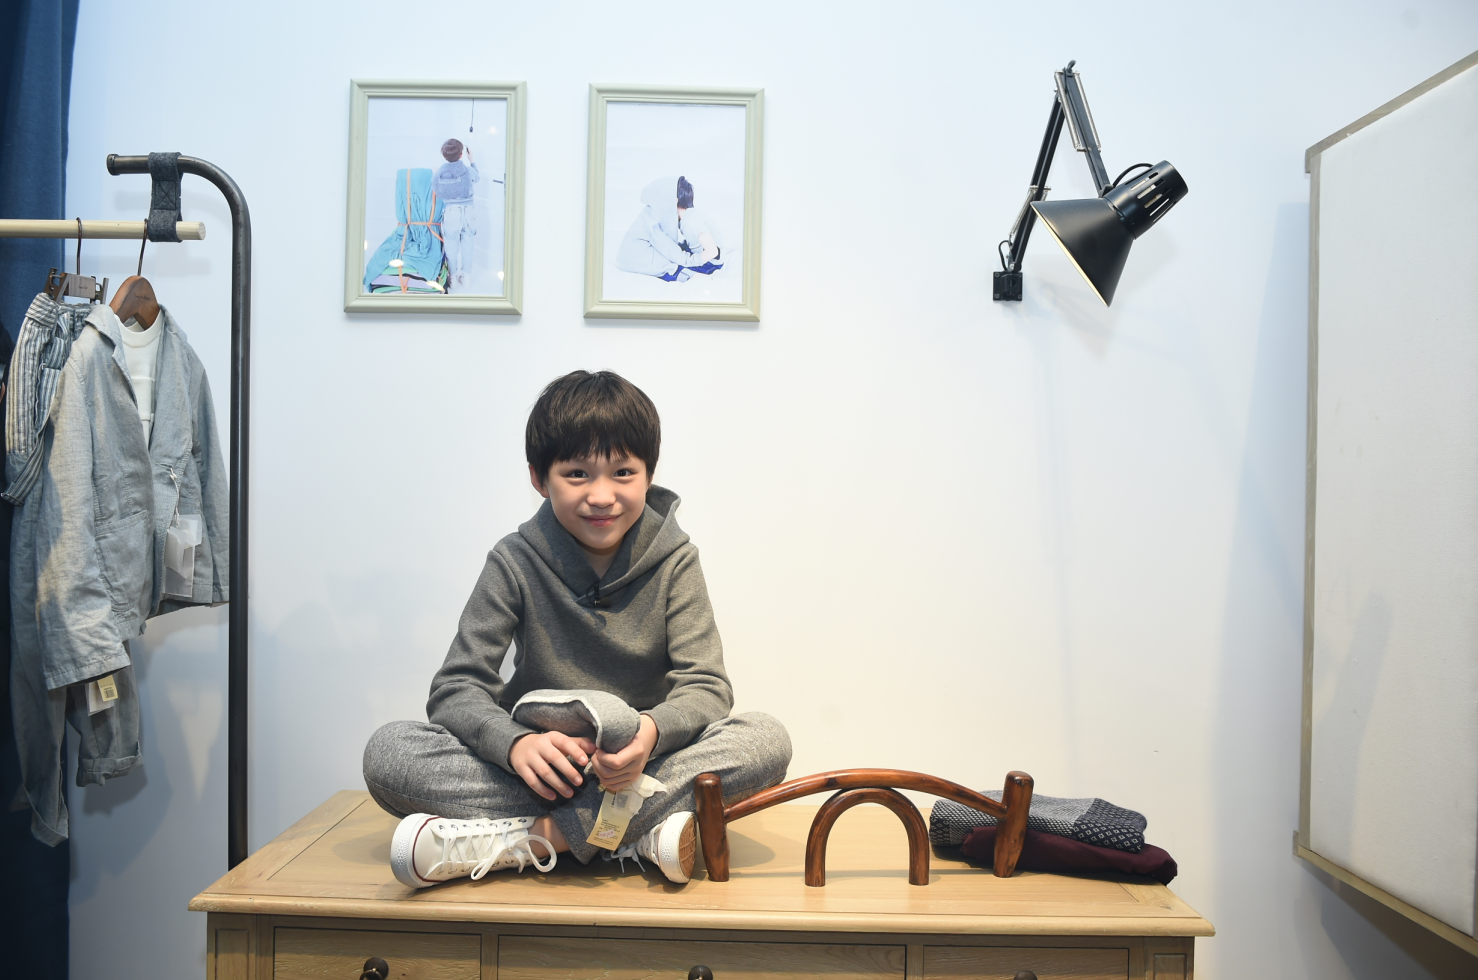 江南布衣集团推出青少年设计师品牌pomme de terre(蓬马的袋荷)